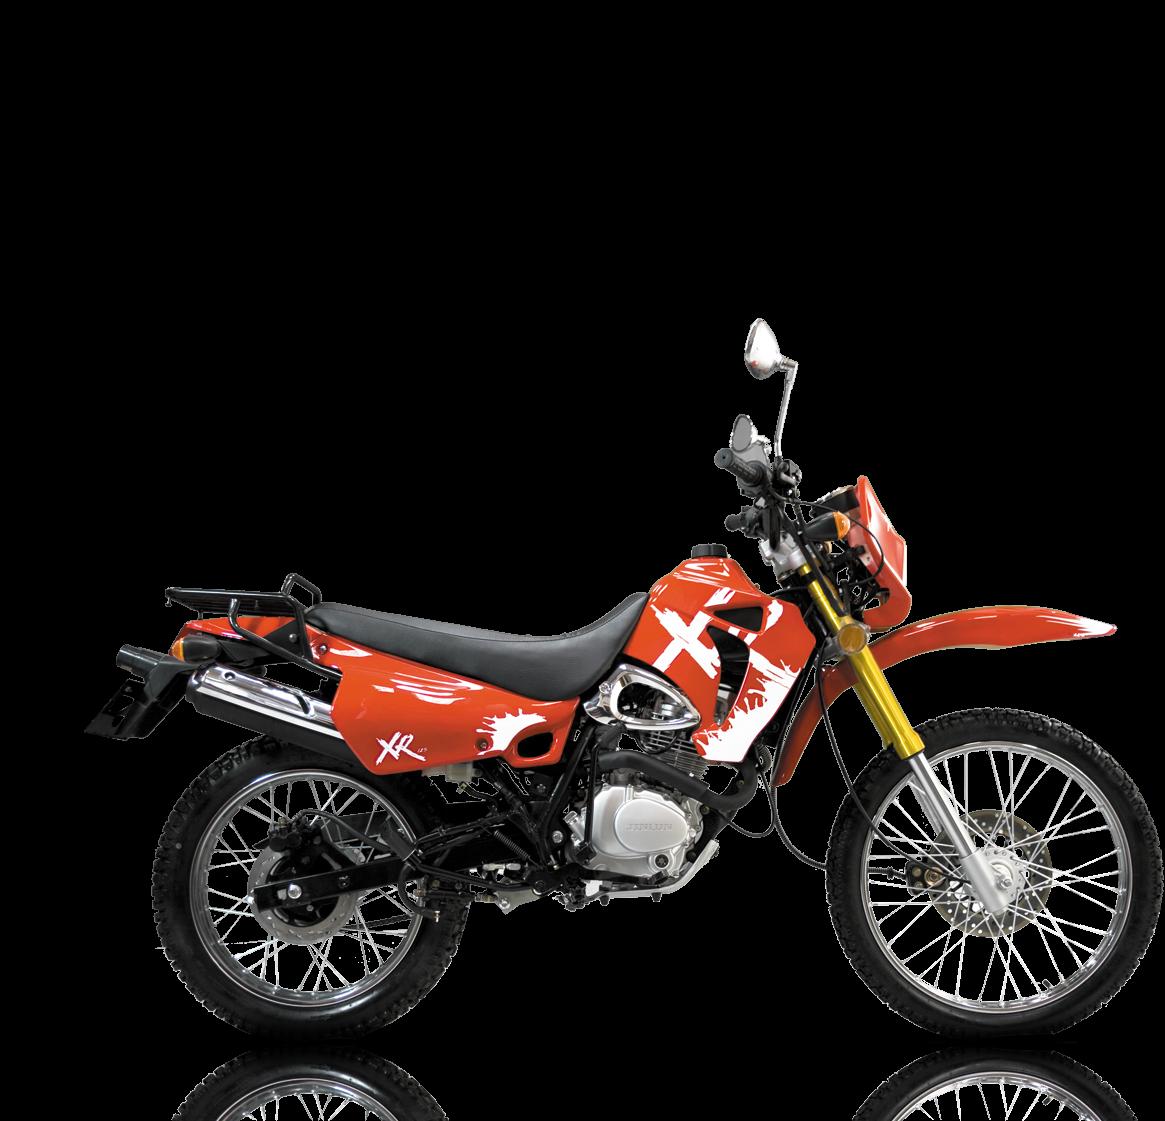 New motorbike deals uk